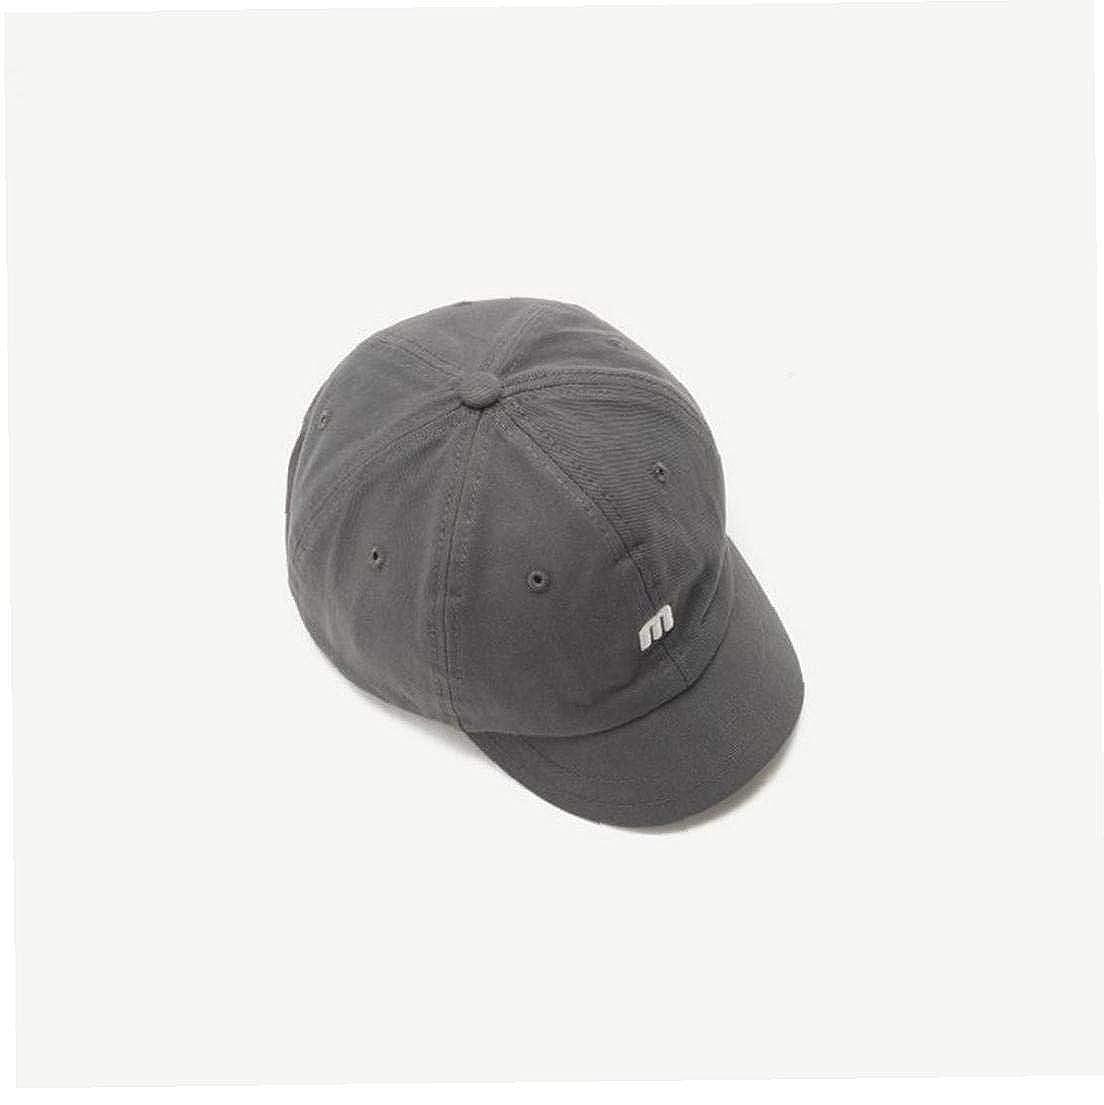 BYFRI Unisex Cappello Lettera Baseball Caps Hip Hop Hat Ricamo Regolabile Dome Sport Berretto di Cotone Cappelli